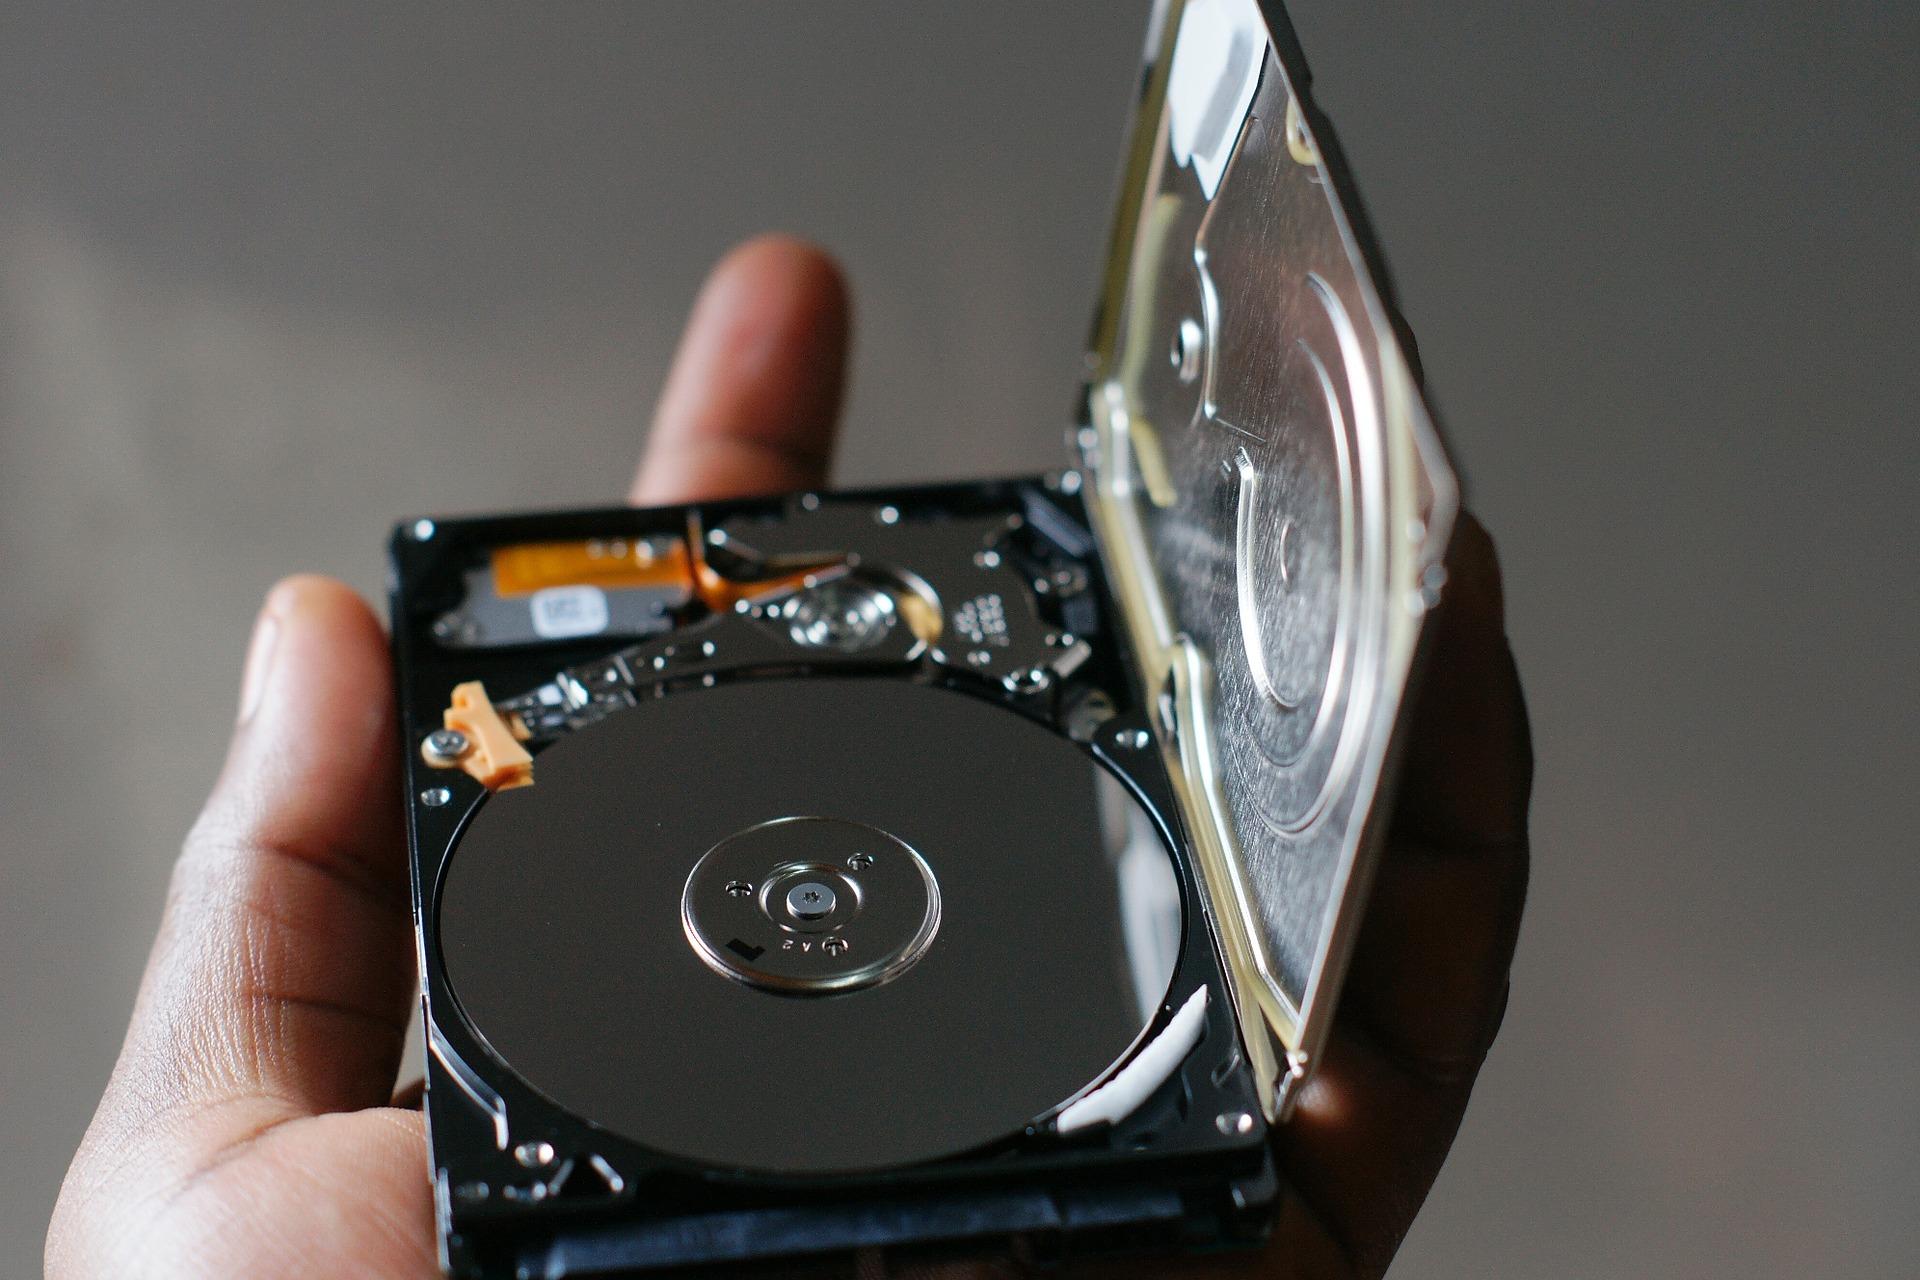 Pourquoi choisir un SSD plutôt qu'un disque dur (HDD)?